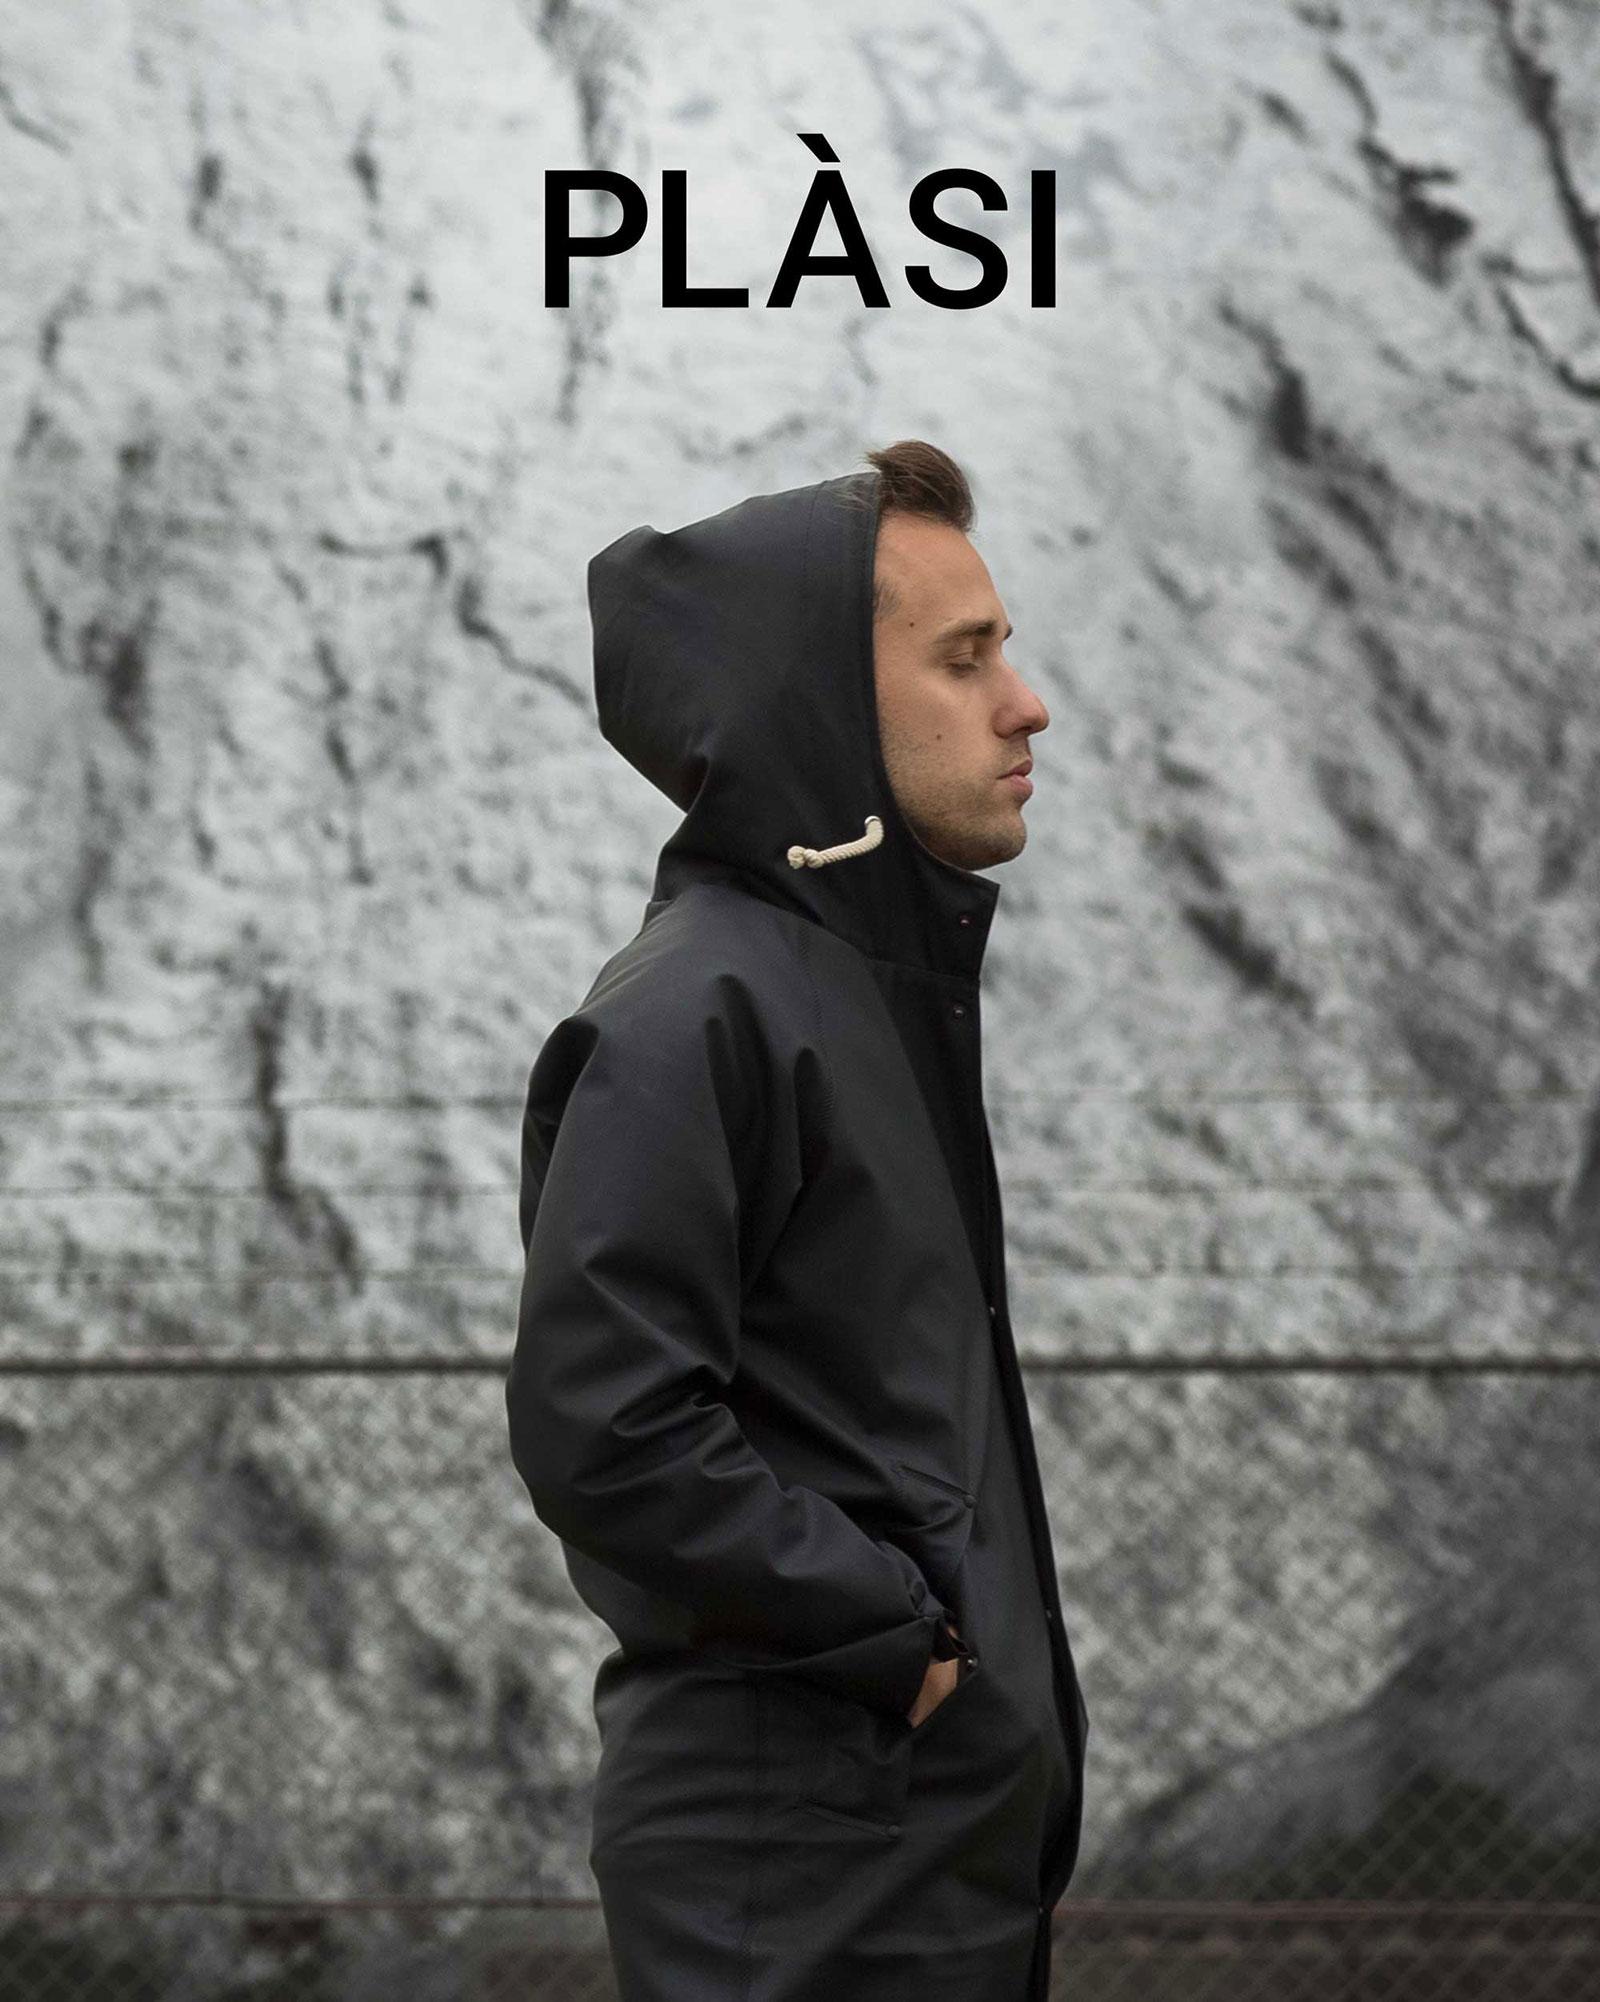 plasi-hero